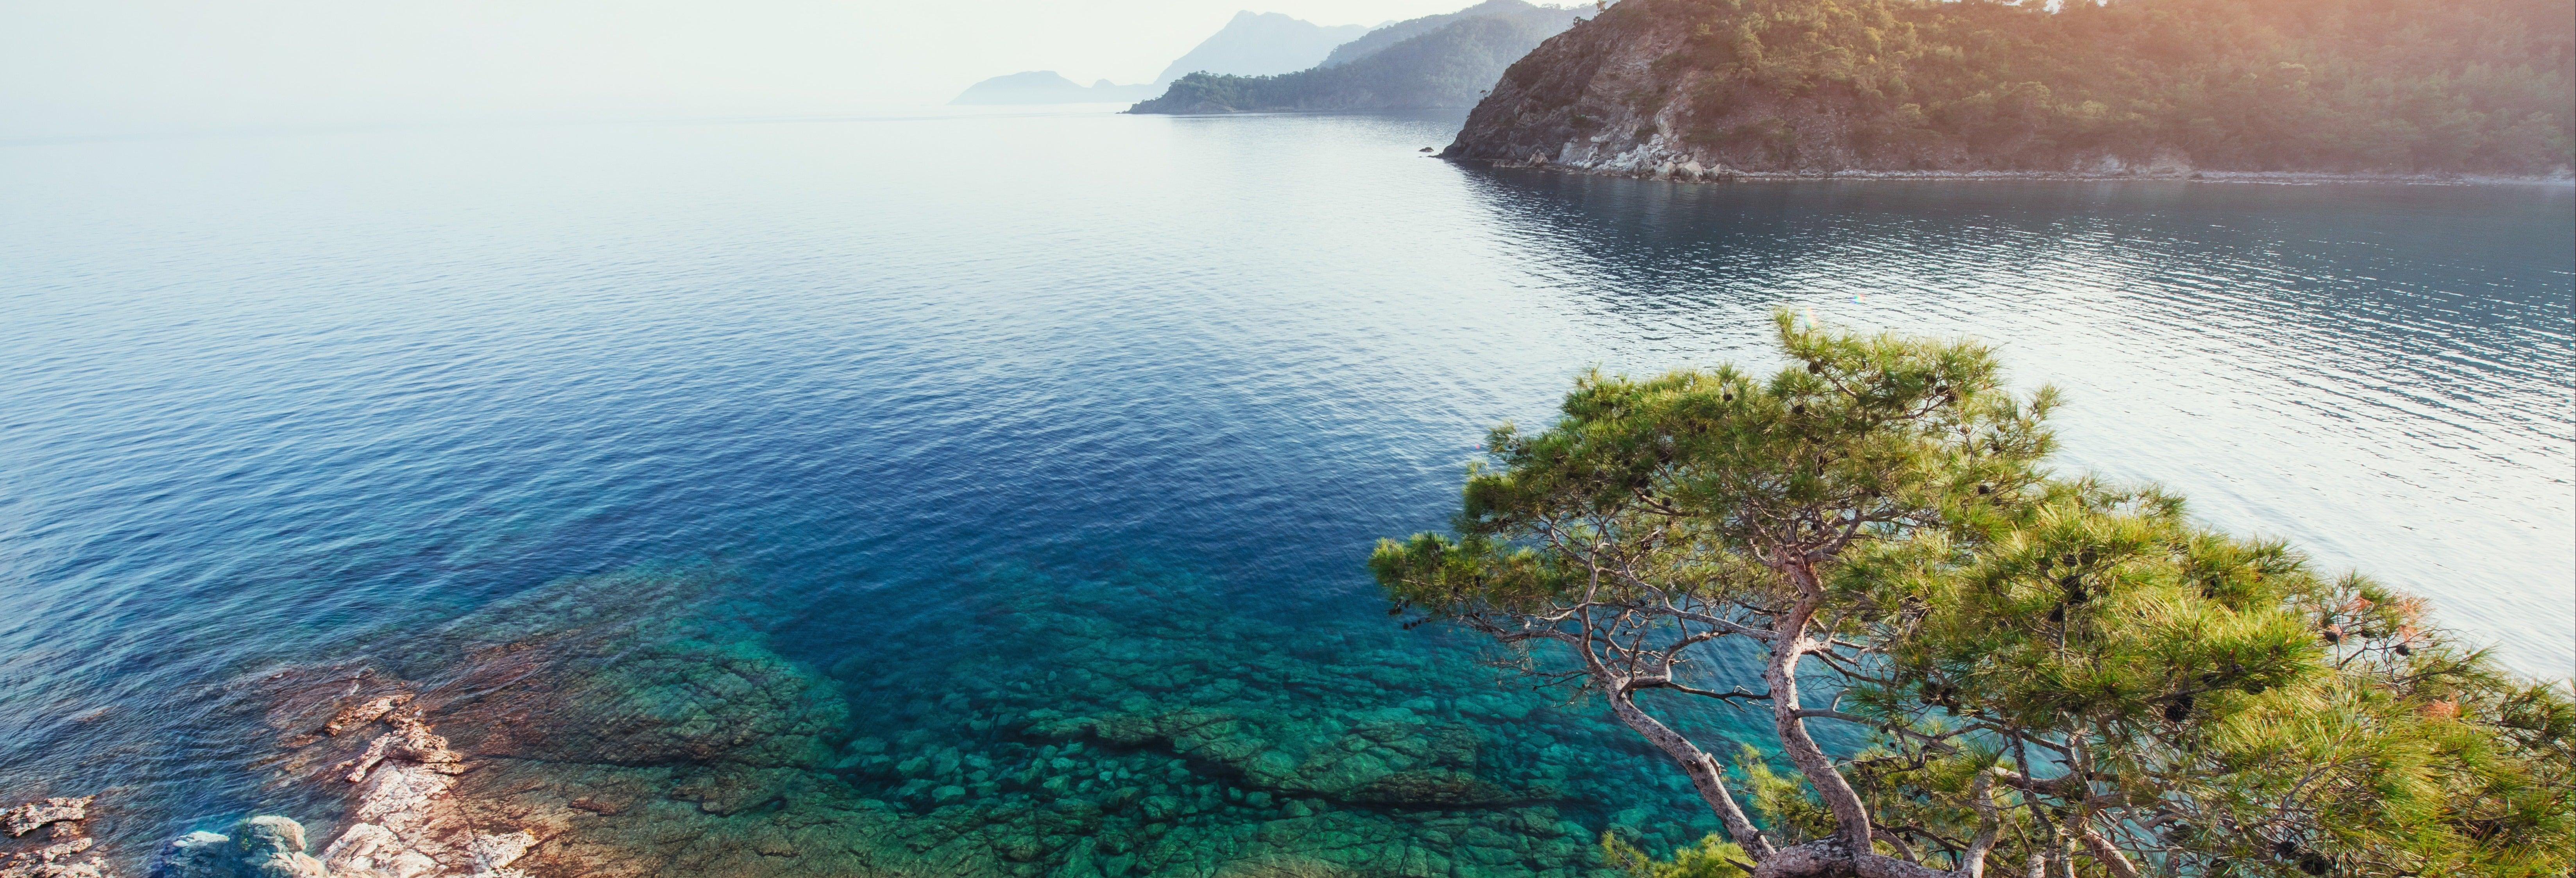 Cruzeiro pelo golfo de Antalya